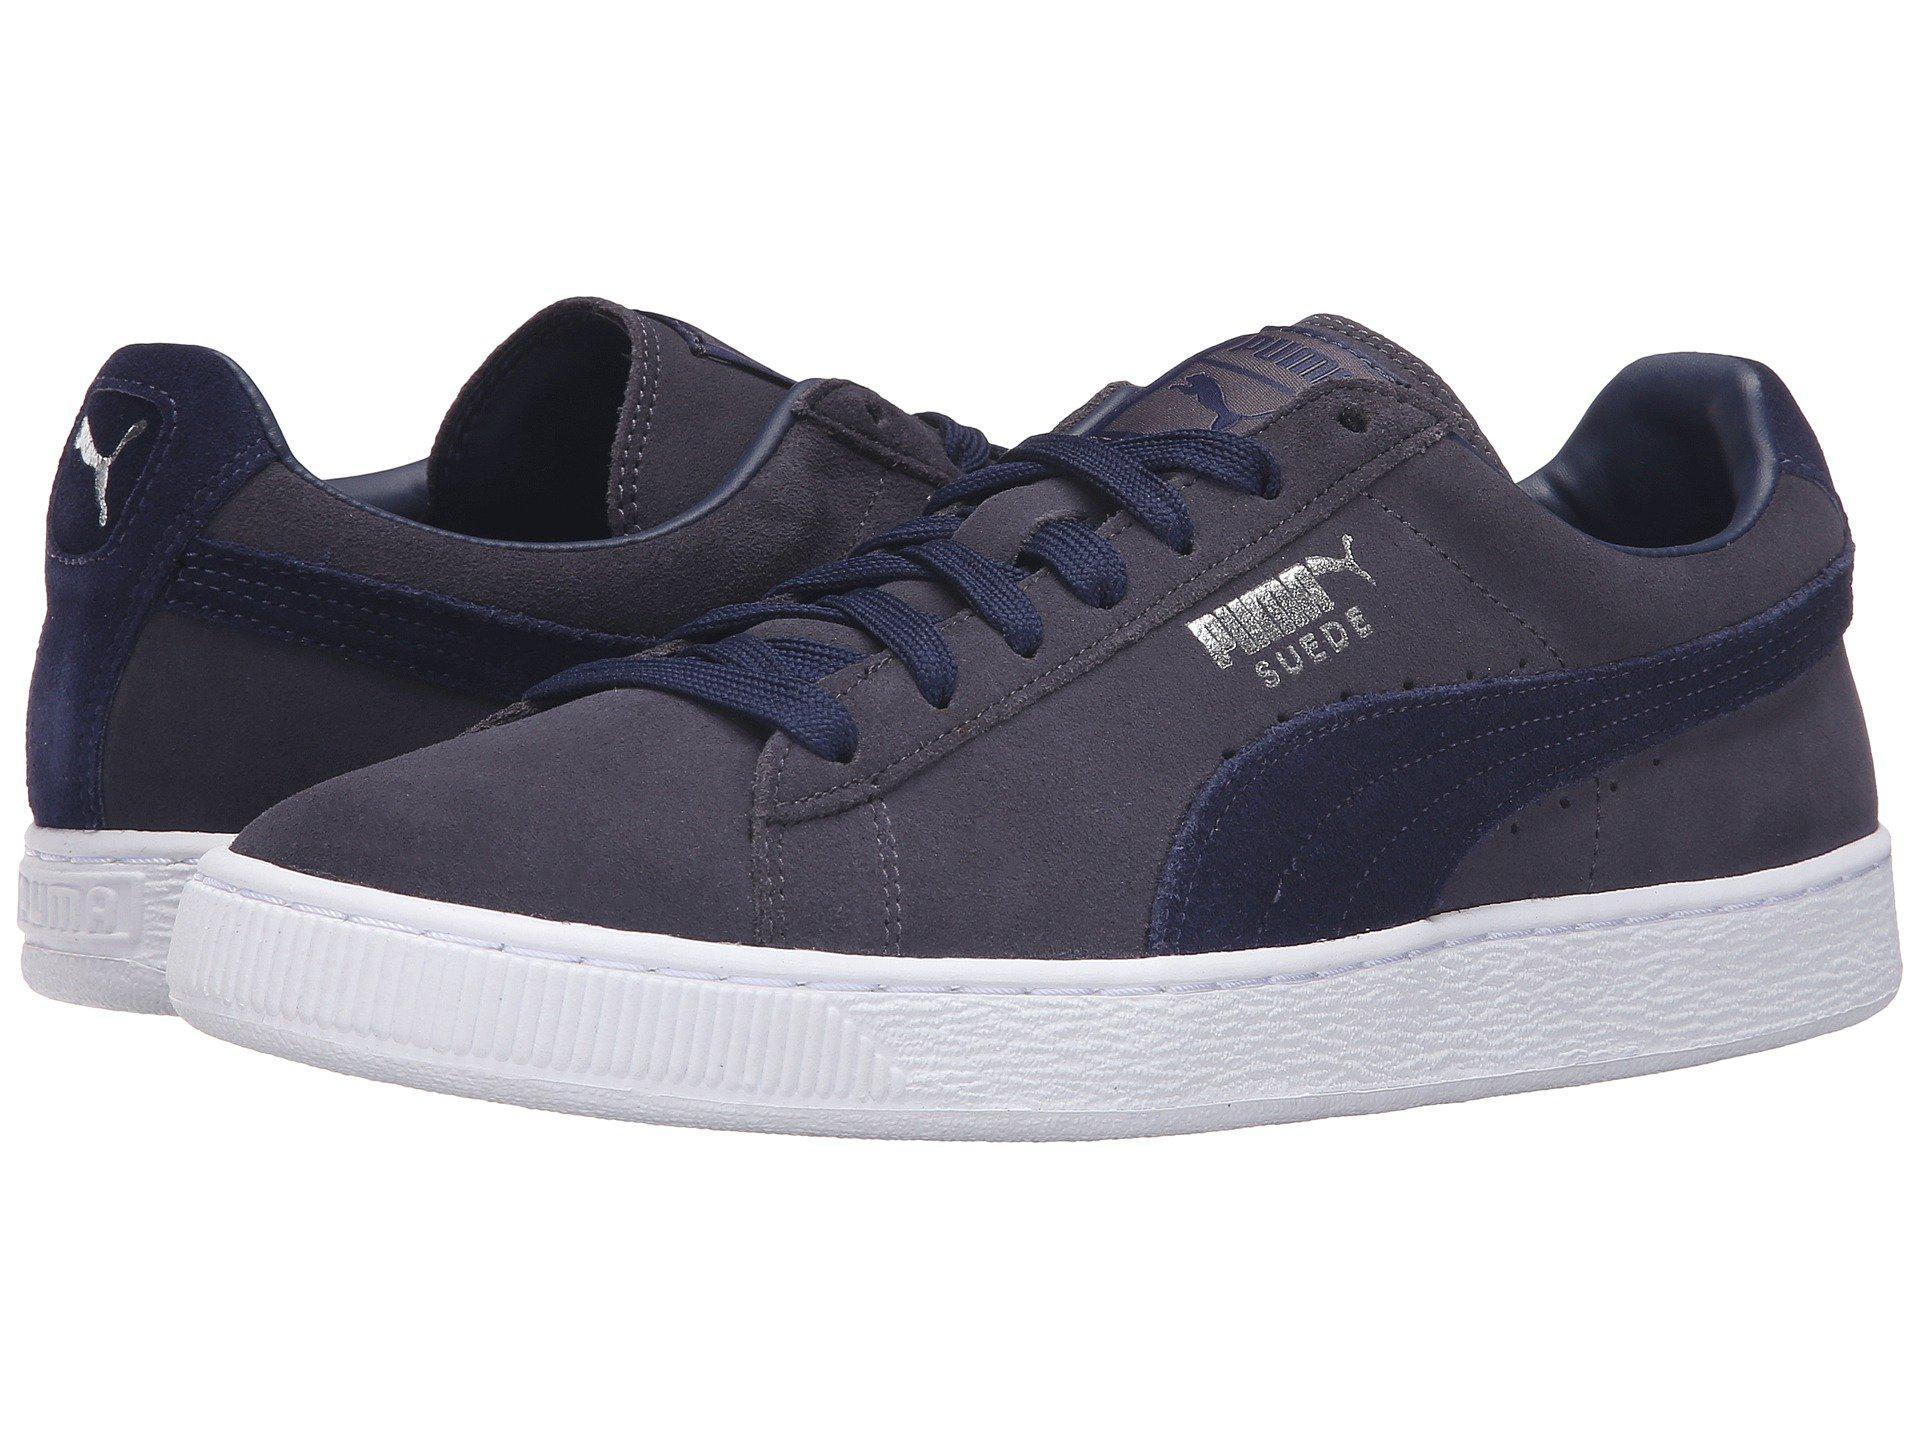 14f7636d2416 Lyst - Puma Suede Classic + in Blue for Men